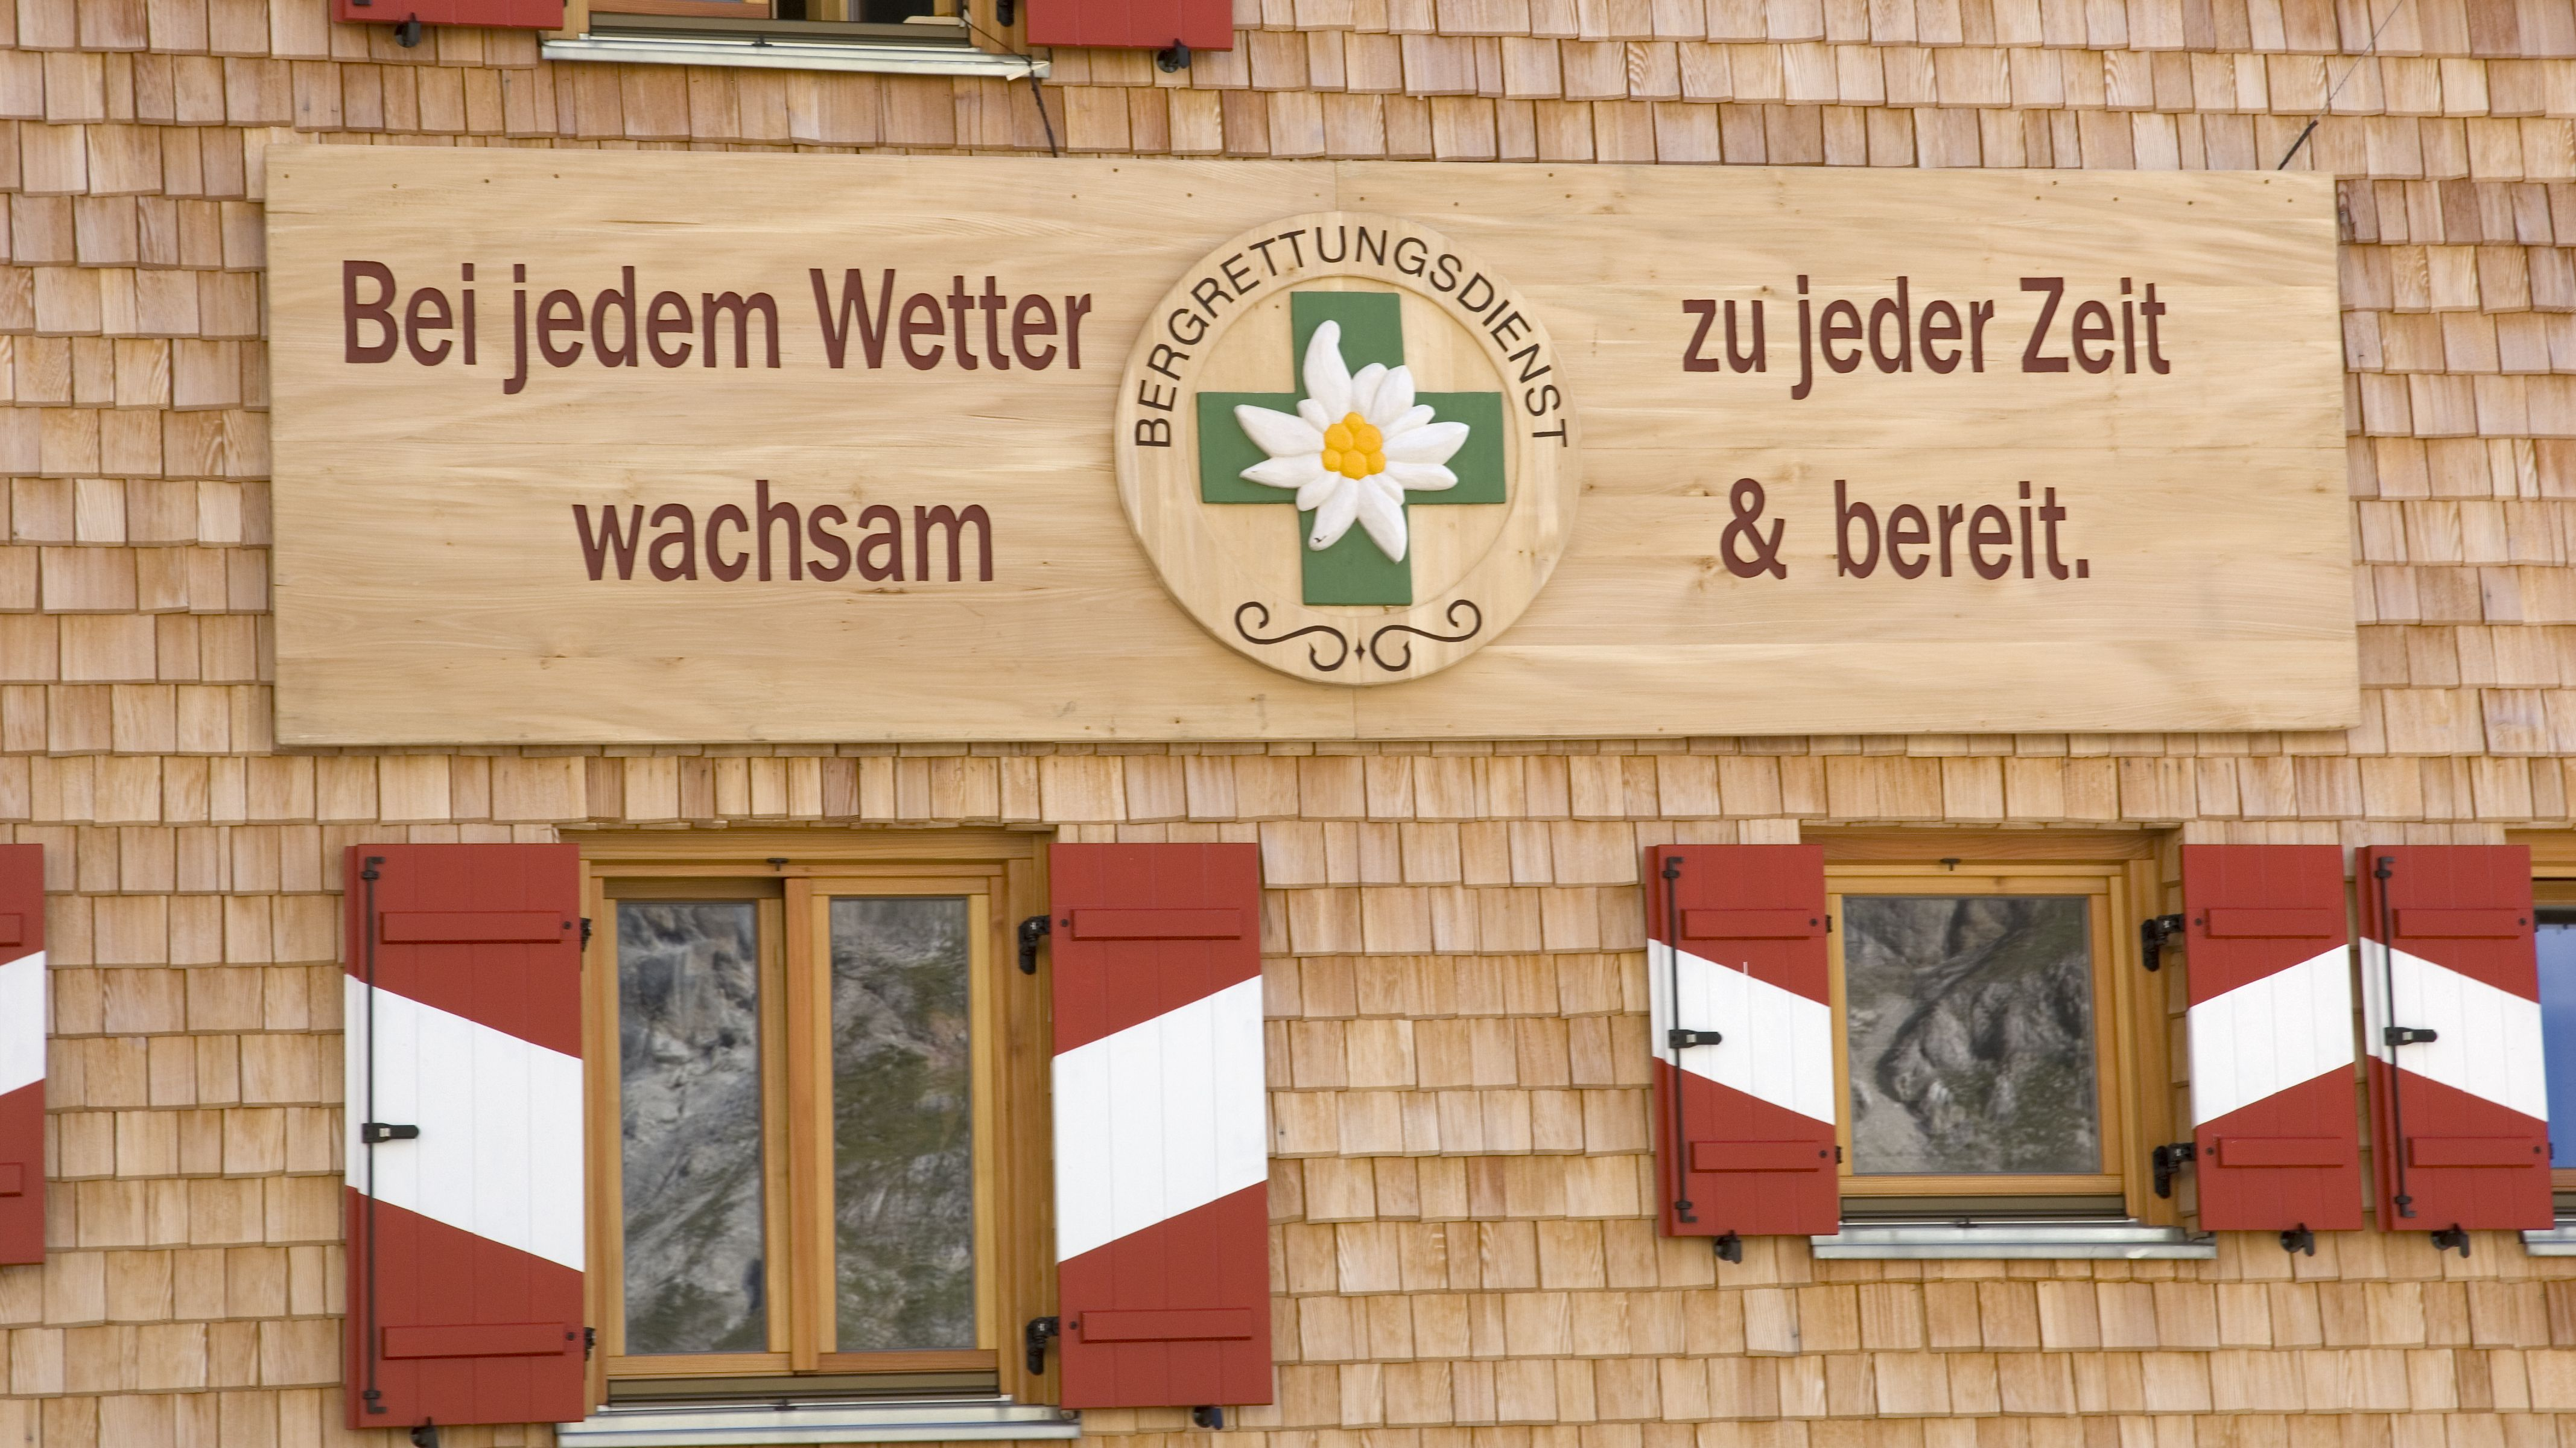 Bergwacht-Schild an einer Hütte in Österreich: Bei jedem Wetter, zu jeder Zeit wachsam und bereit